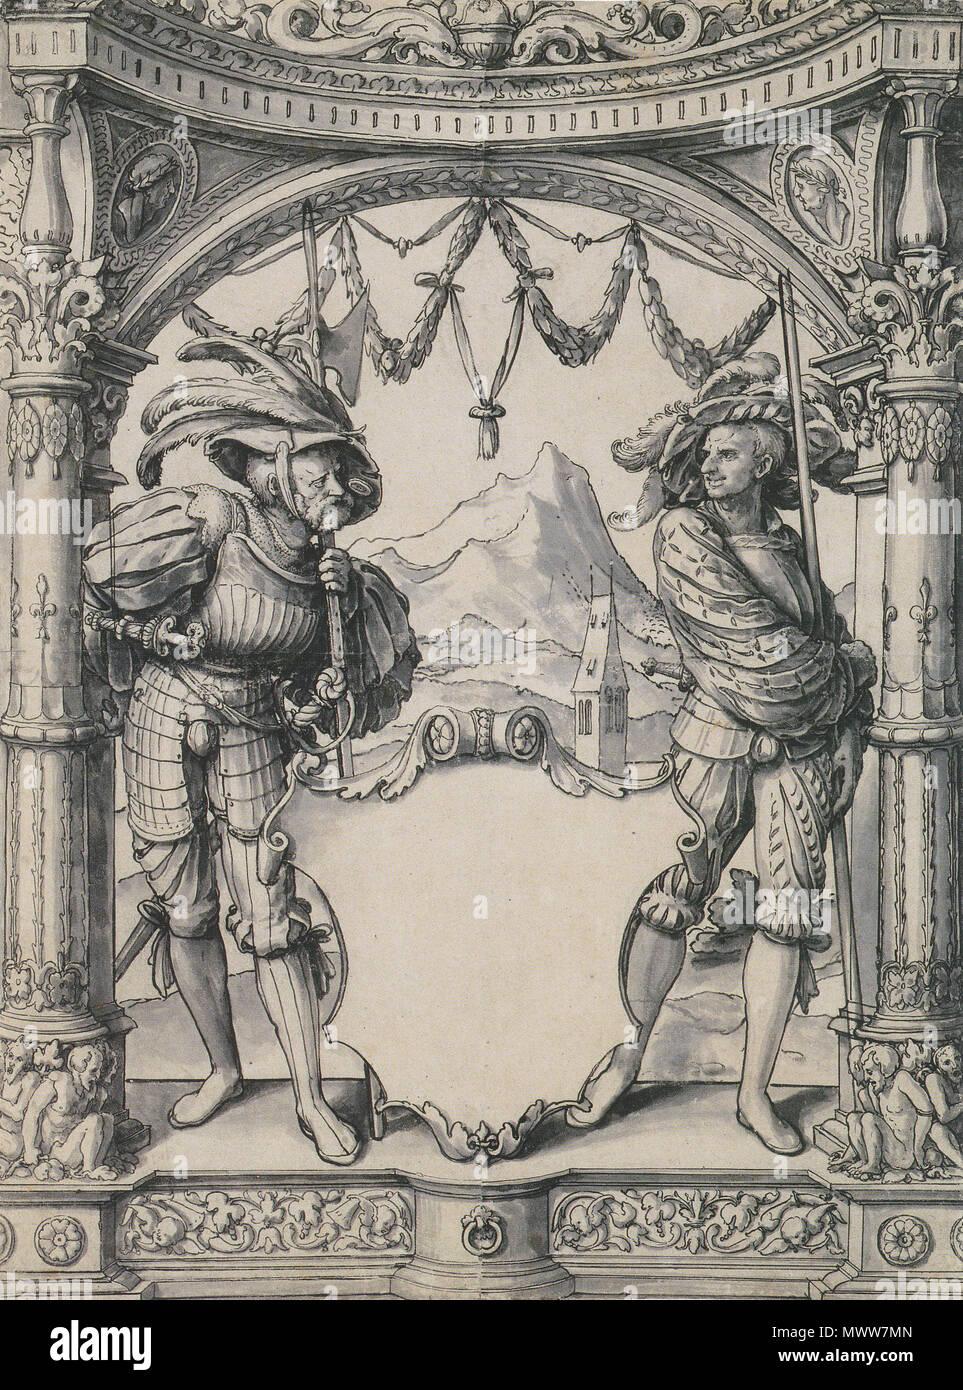 Englisch Entwurf Für Ein Glasfenster Mit Zwei Schweizer Söldner